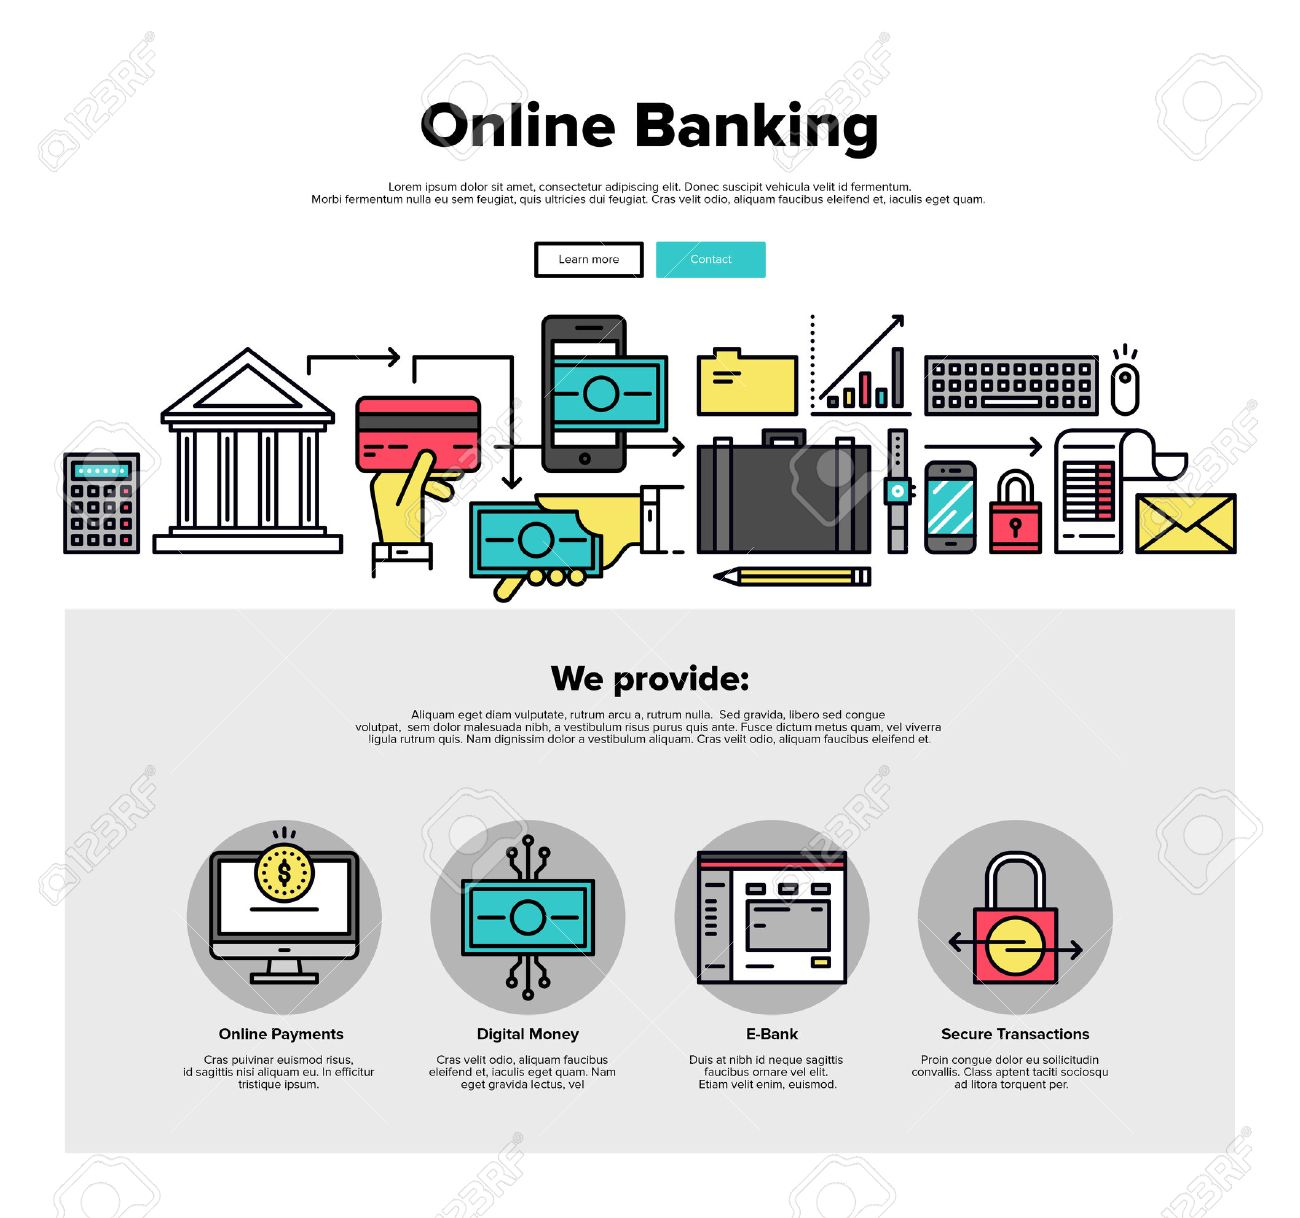 1 つのページ web デザイン テンプレートがオンライン銀行業